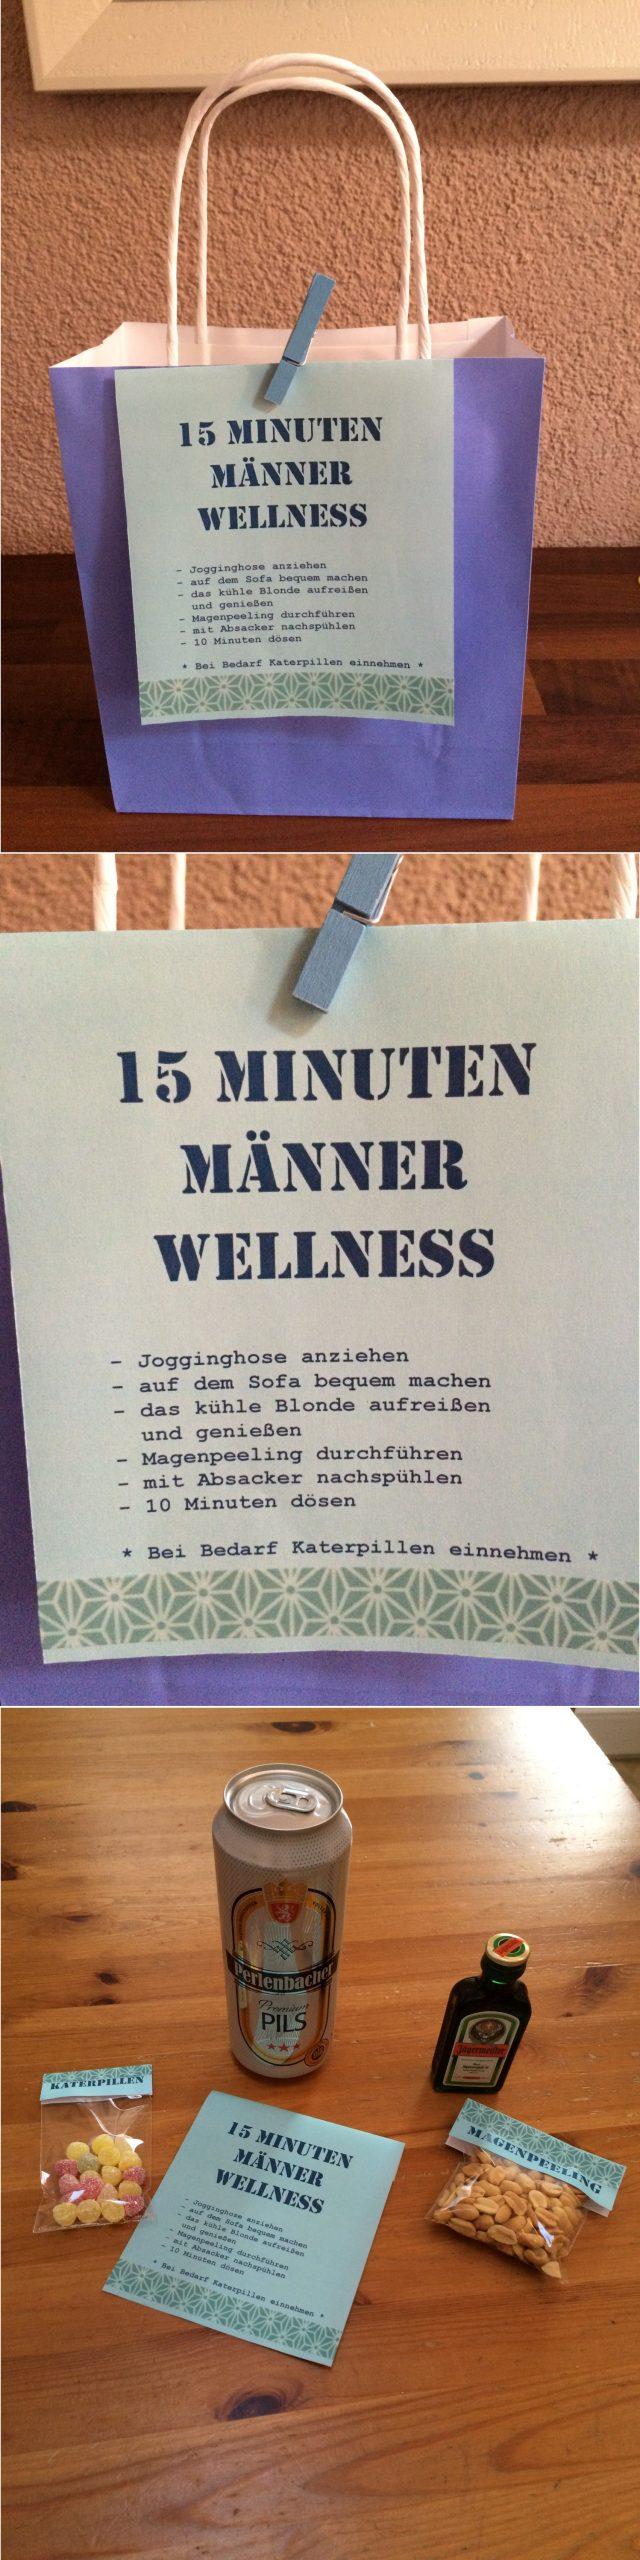 15 Minuten Männer Wellness!!! Geschenkidee Für Den Mann in Weihnachtsgeschenke Für Einen Mann